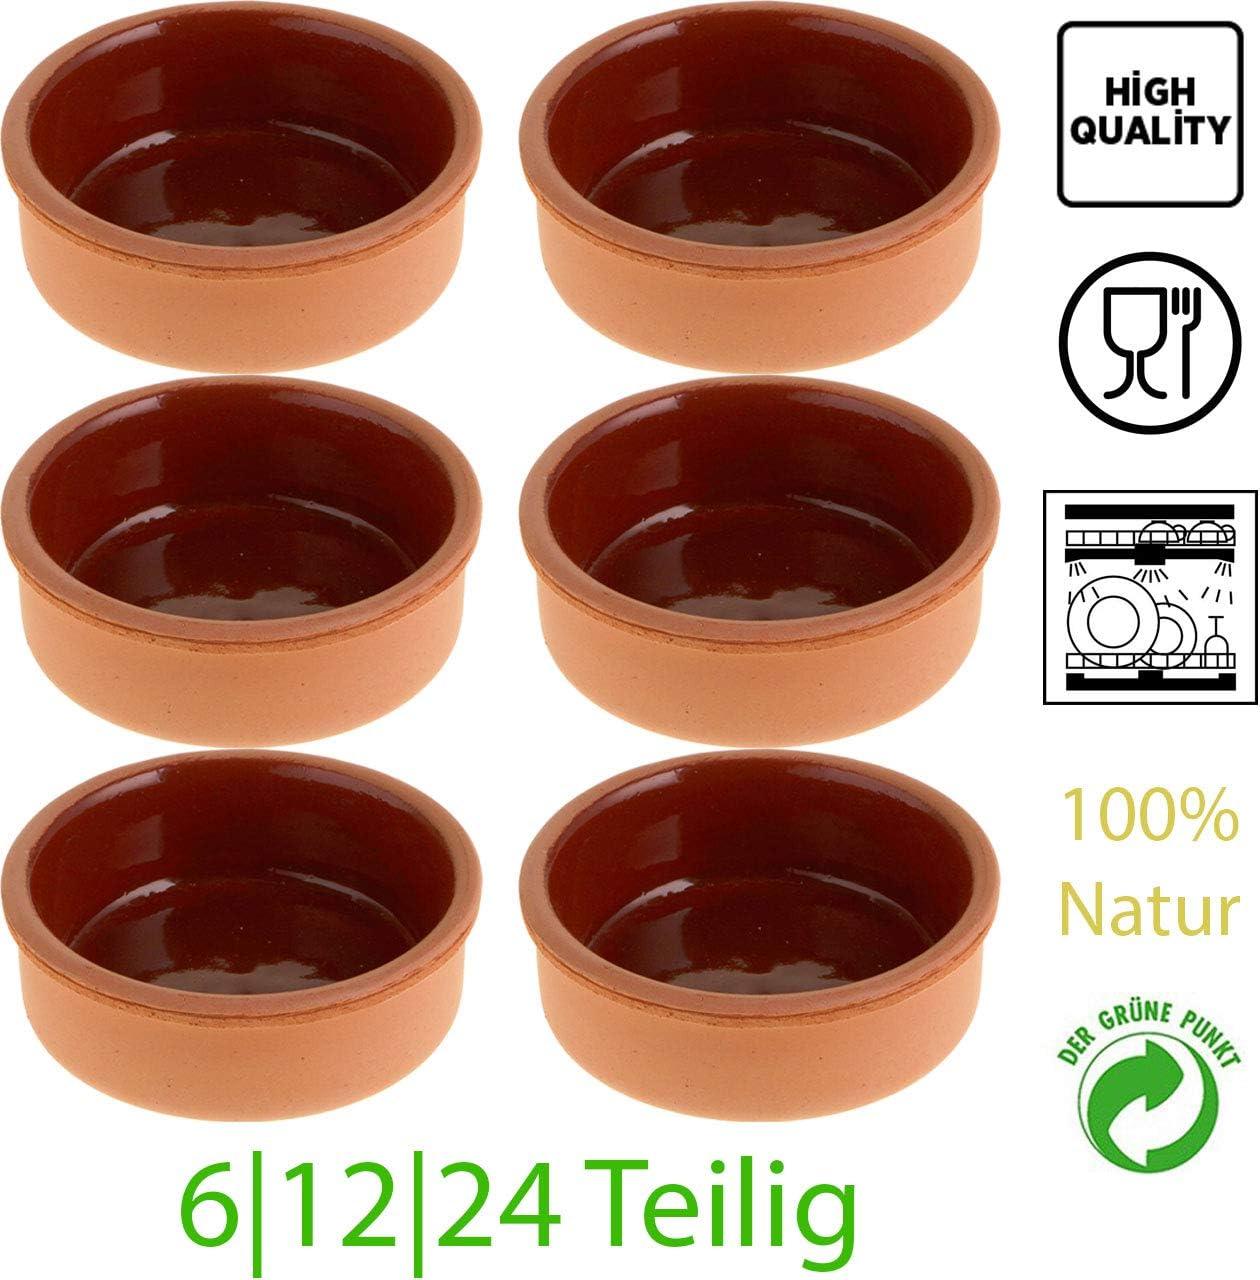 6 X Auflaufformen aus Ton Schalen für Tapas Gratin Güvec Avanos Sütlac Kase